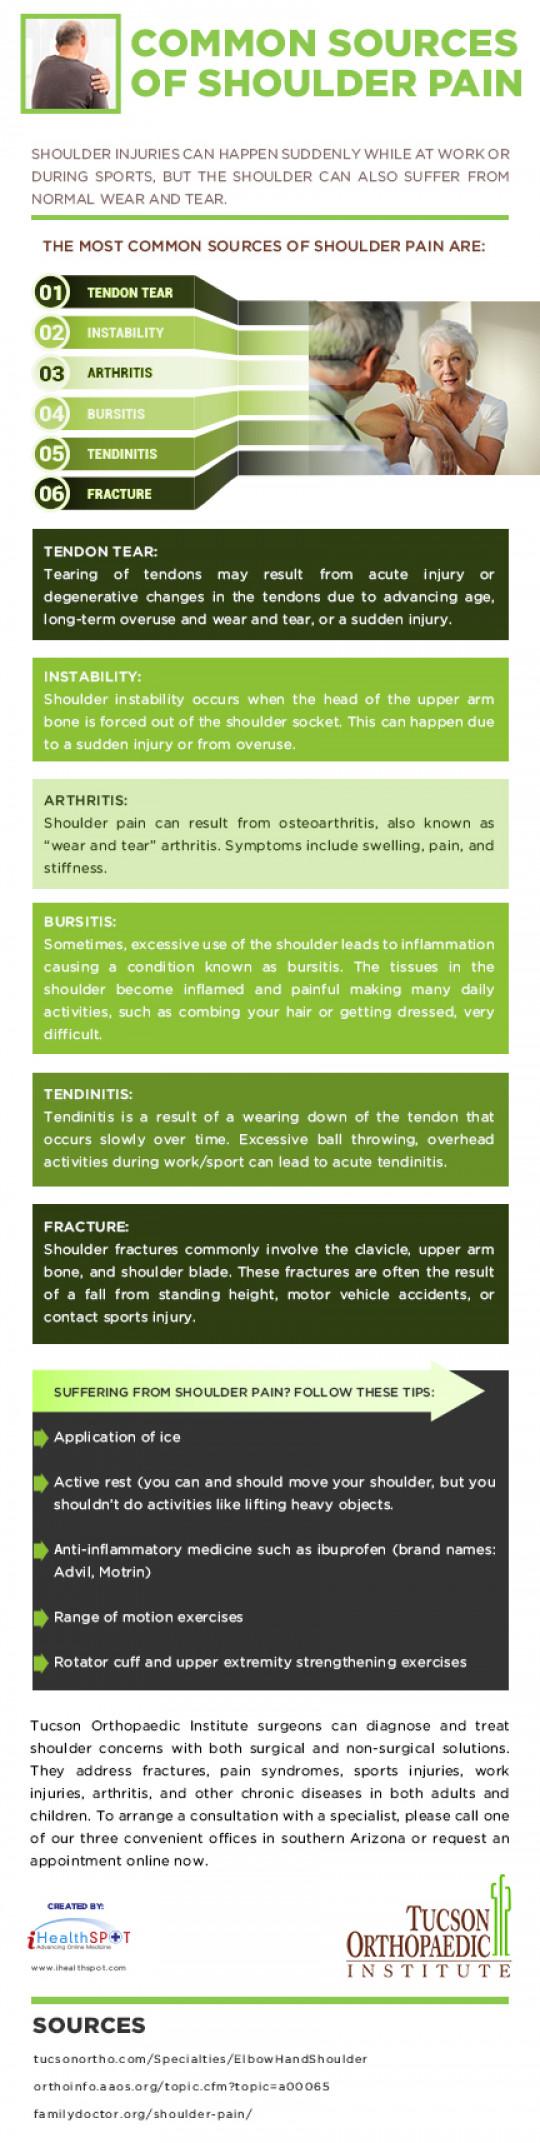 Common Sources of Shoulder Pain